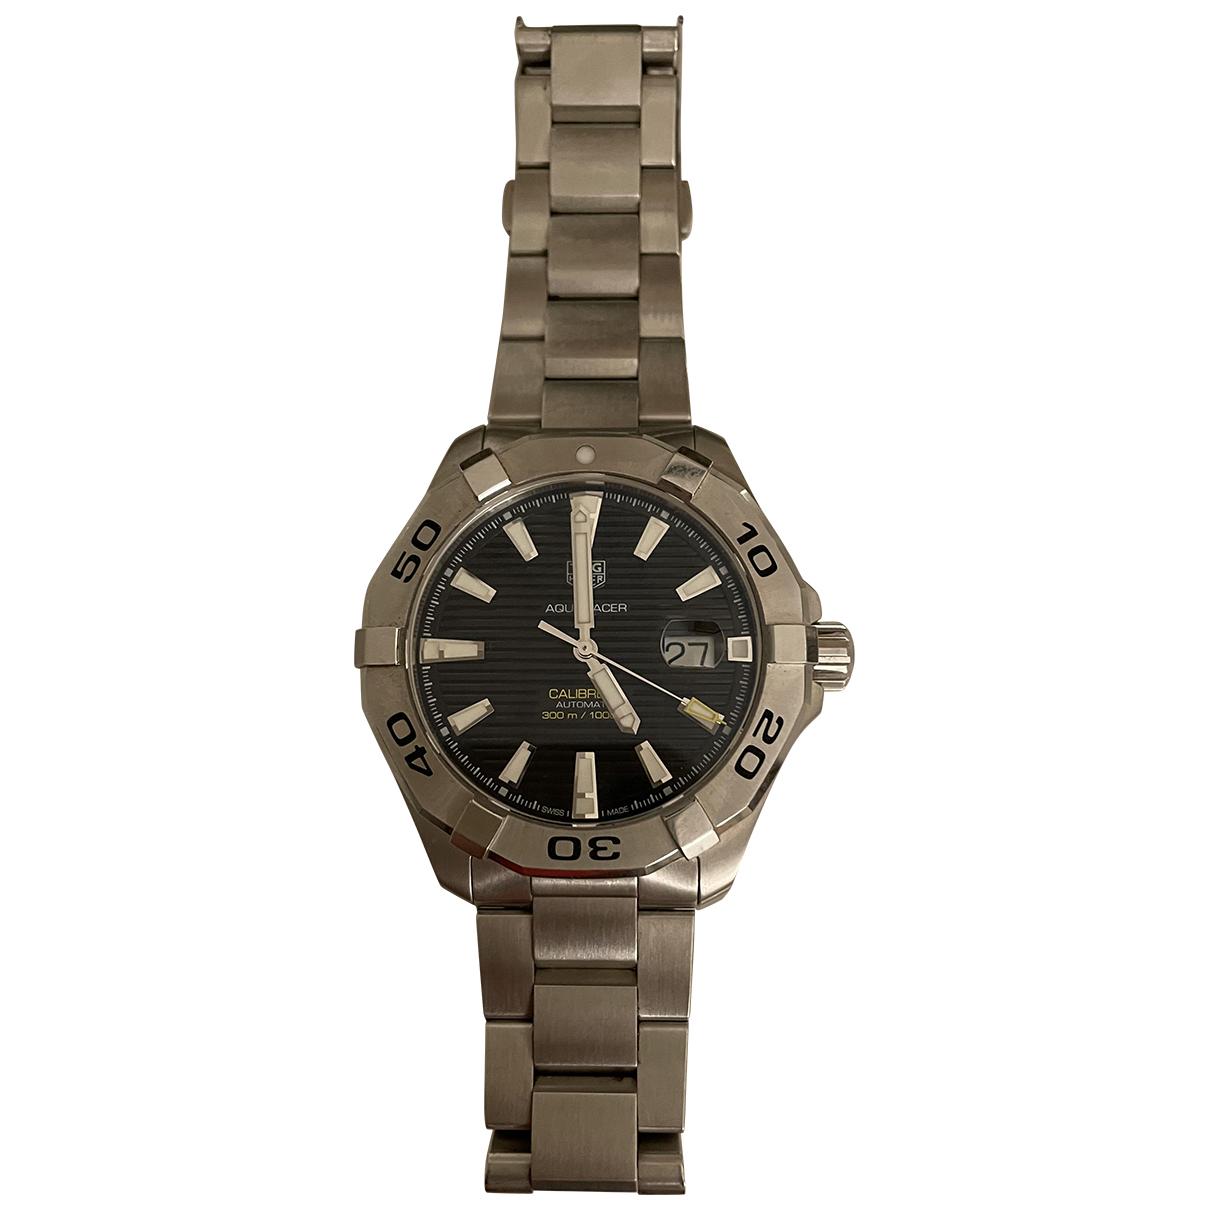 Tag Heuer Aquaracer Metallic Steel Watch for Men